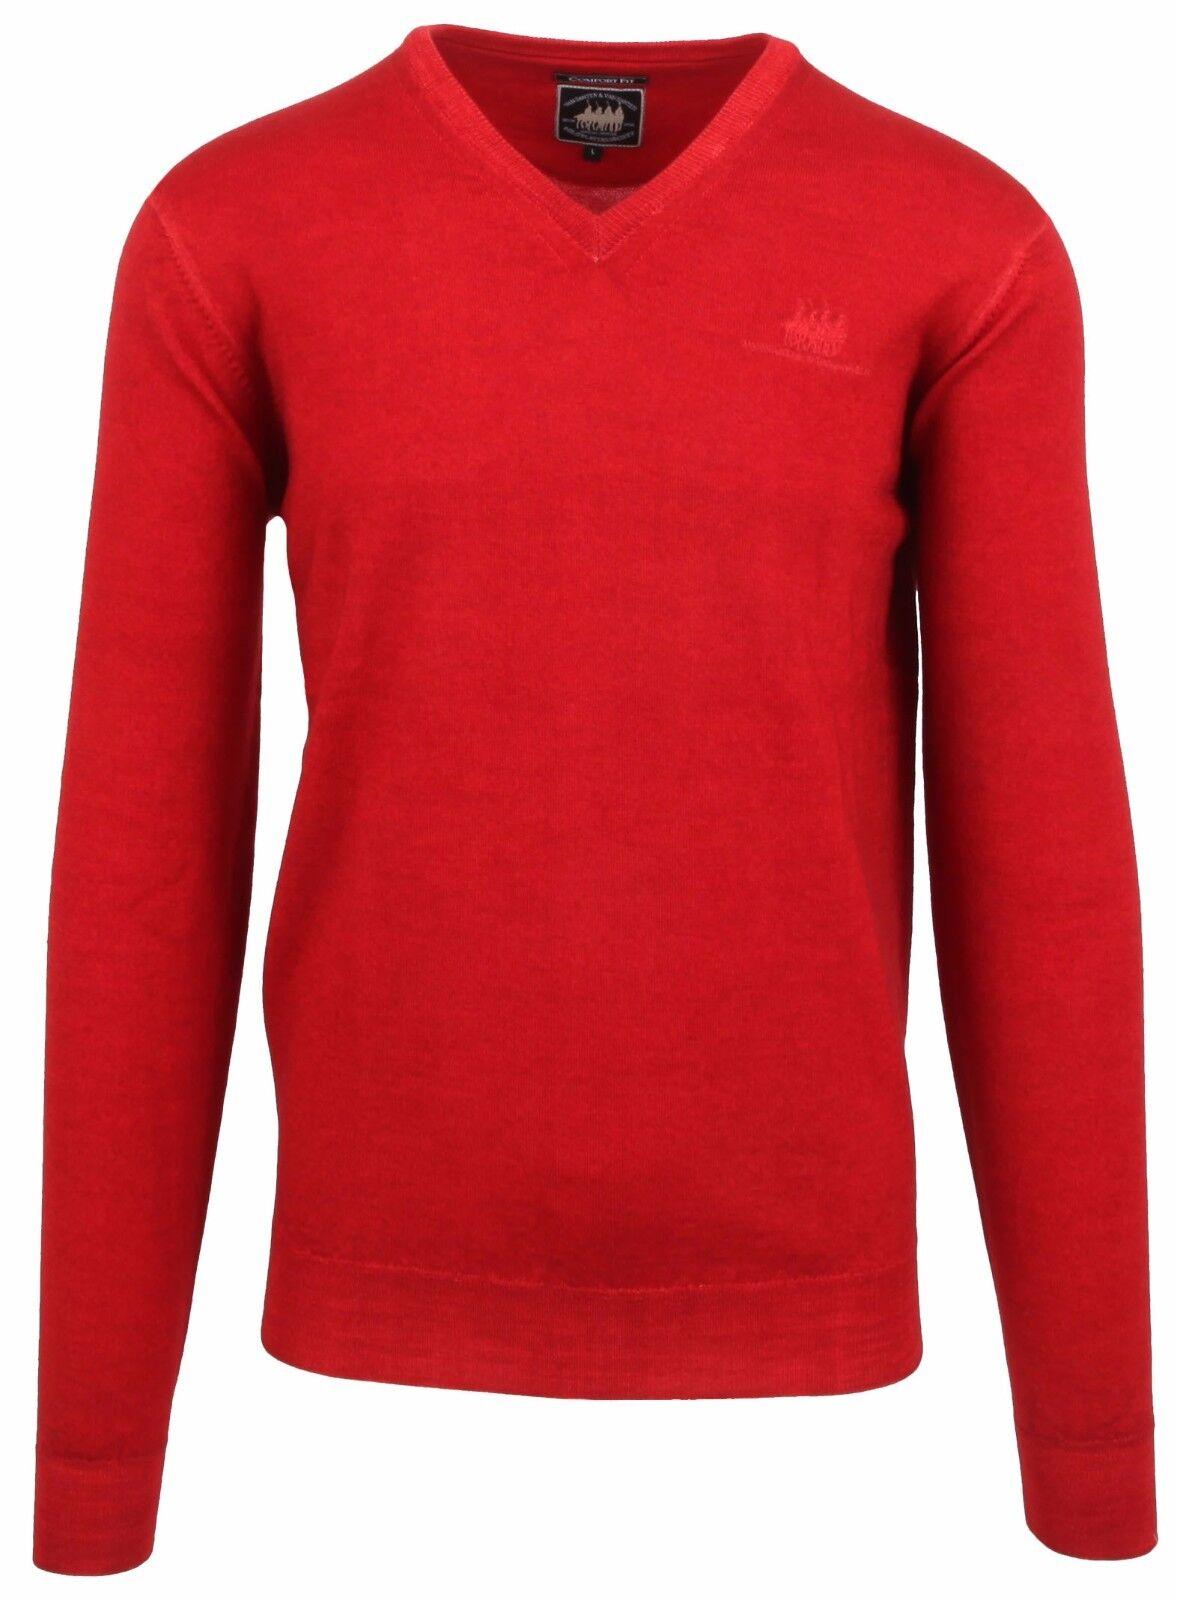 VAN SANTEN & VAN SANTEN Pullover Sweater Größe L V-Ausschnitt 100% Wolle Wool